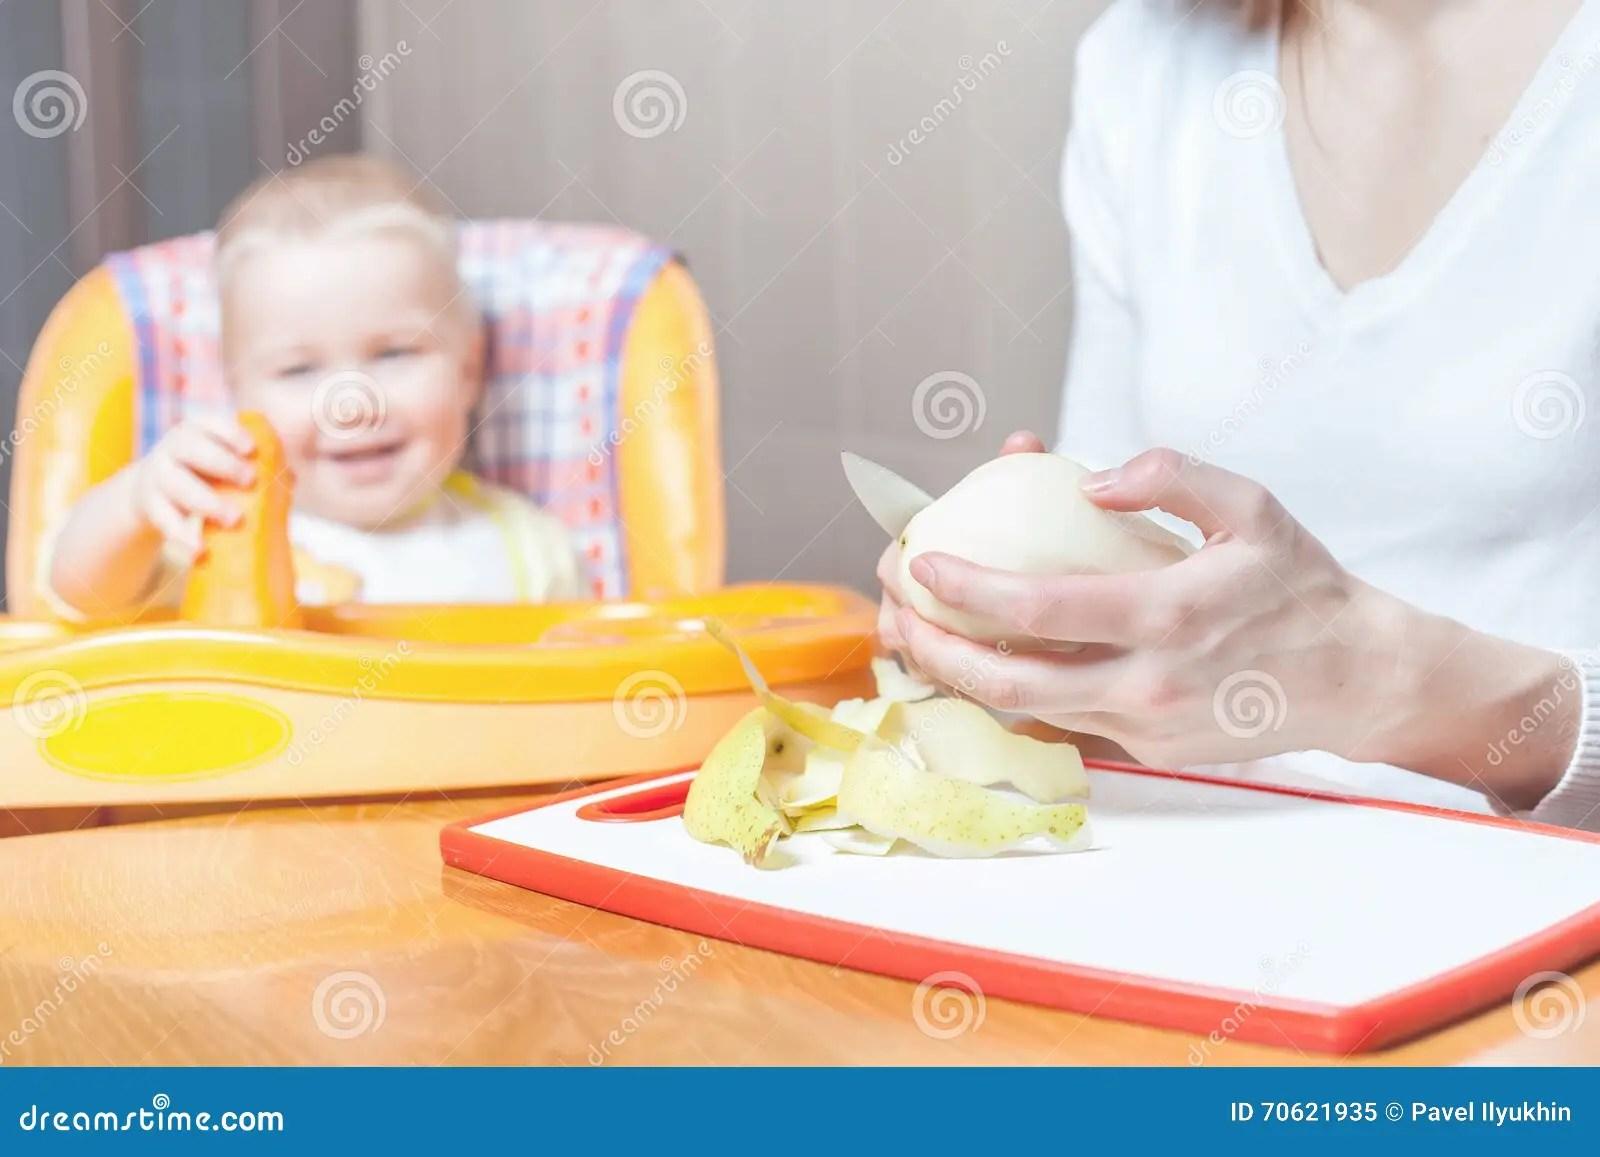 ellas kitchen baby food design and remodeling 烹调的母亲 婴儿食品的准备库存图片 图片包括有果子 厨房 饮食 婴儿 cuking的母亲 婴儿食品的准备婴孩的食物recip 婴孩关心 健康营养 膳食孩子坐高脚椅子在桌上厨房 家新鲜水果 梨 苹果 在桌上的红萝卜